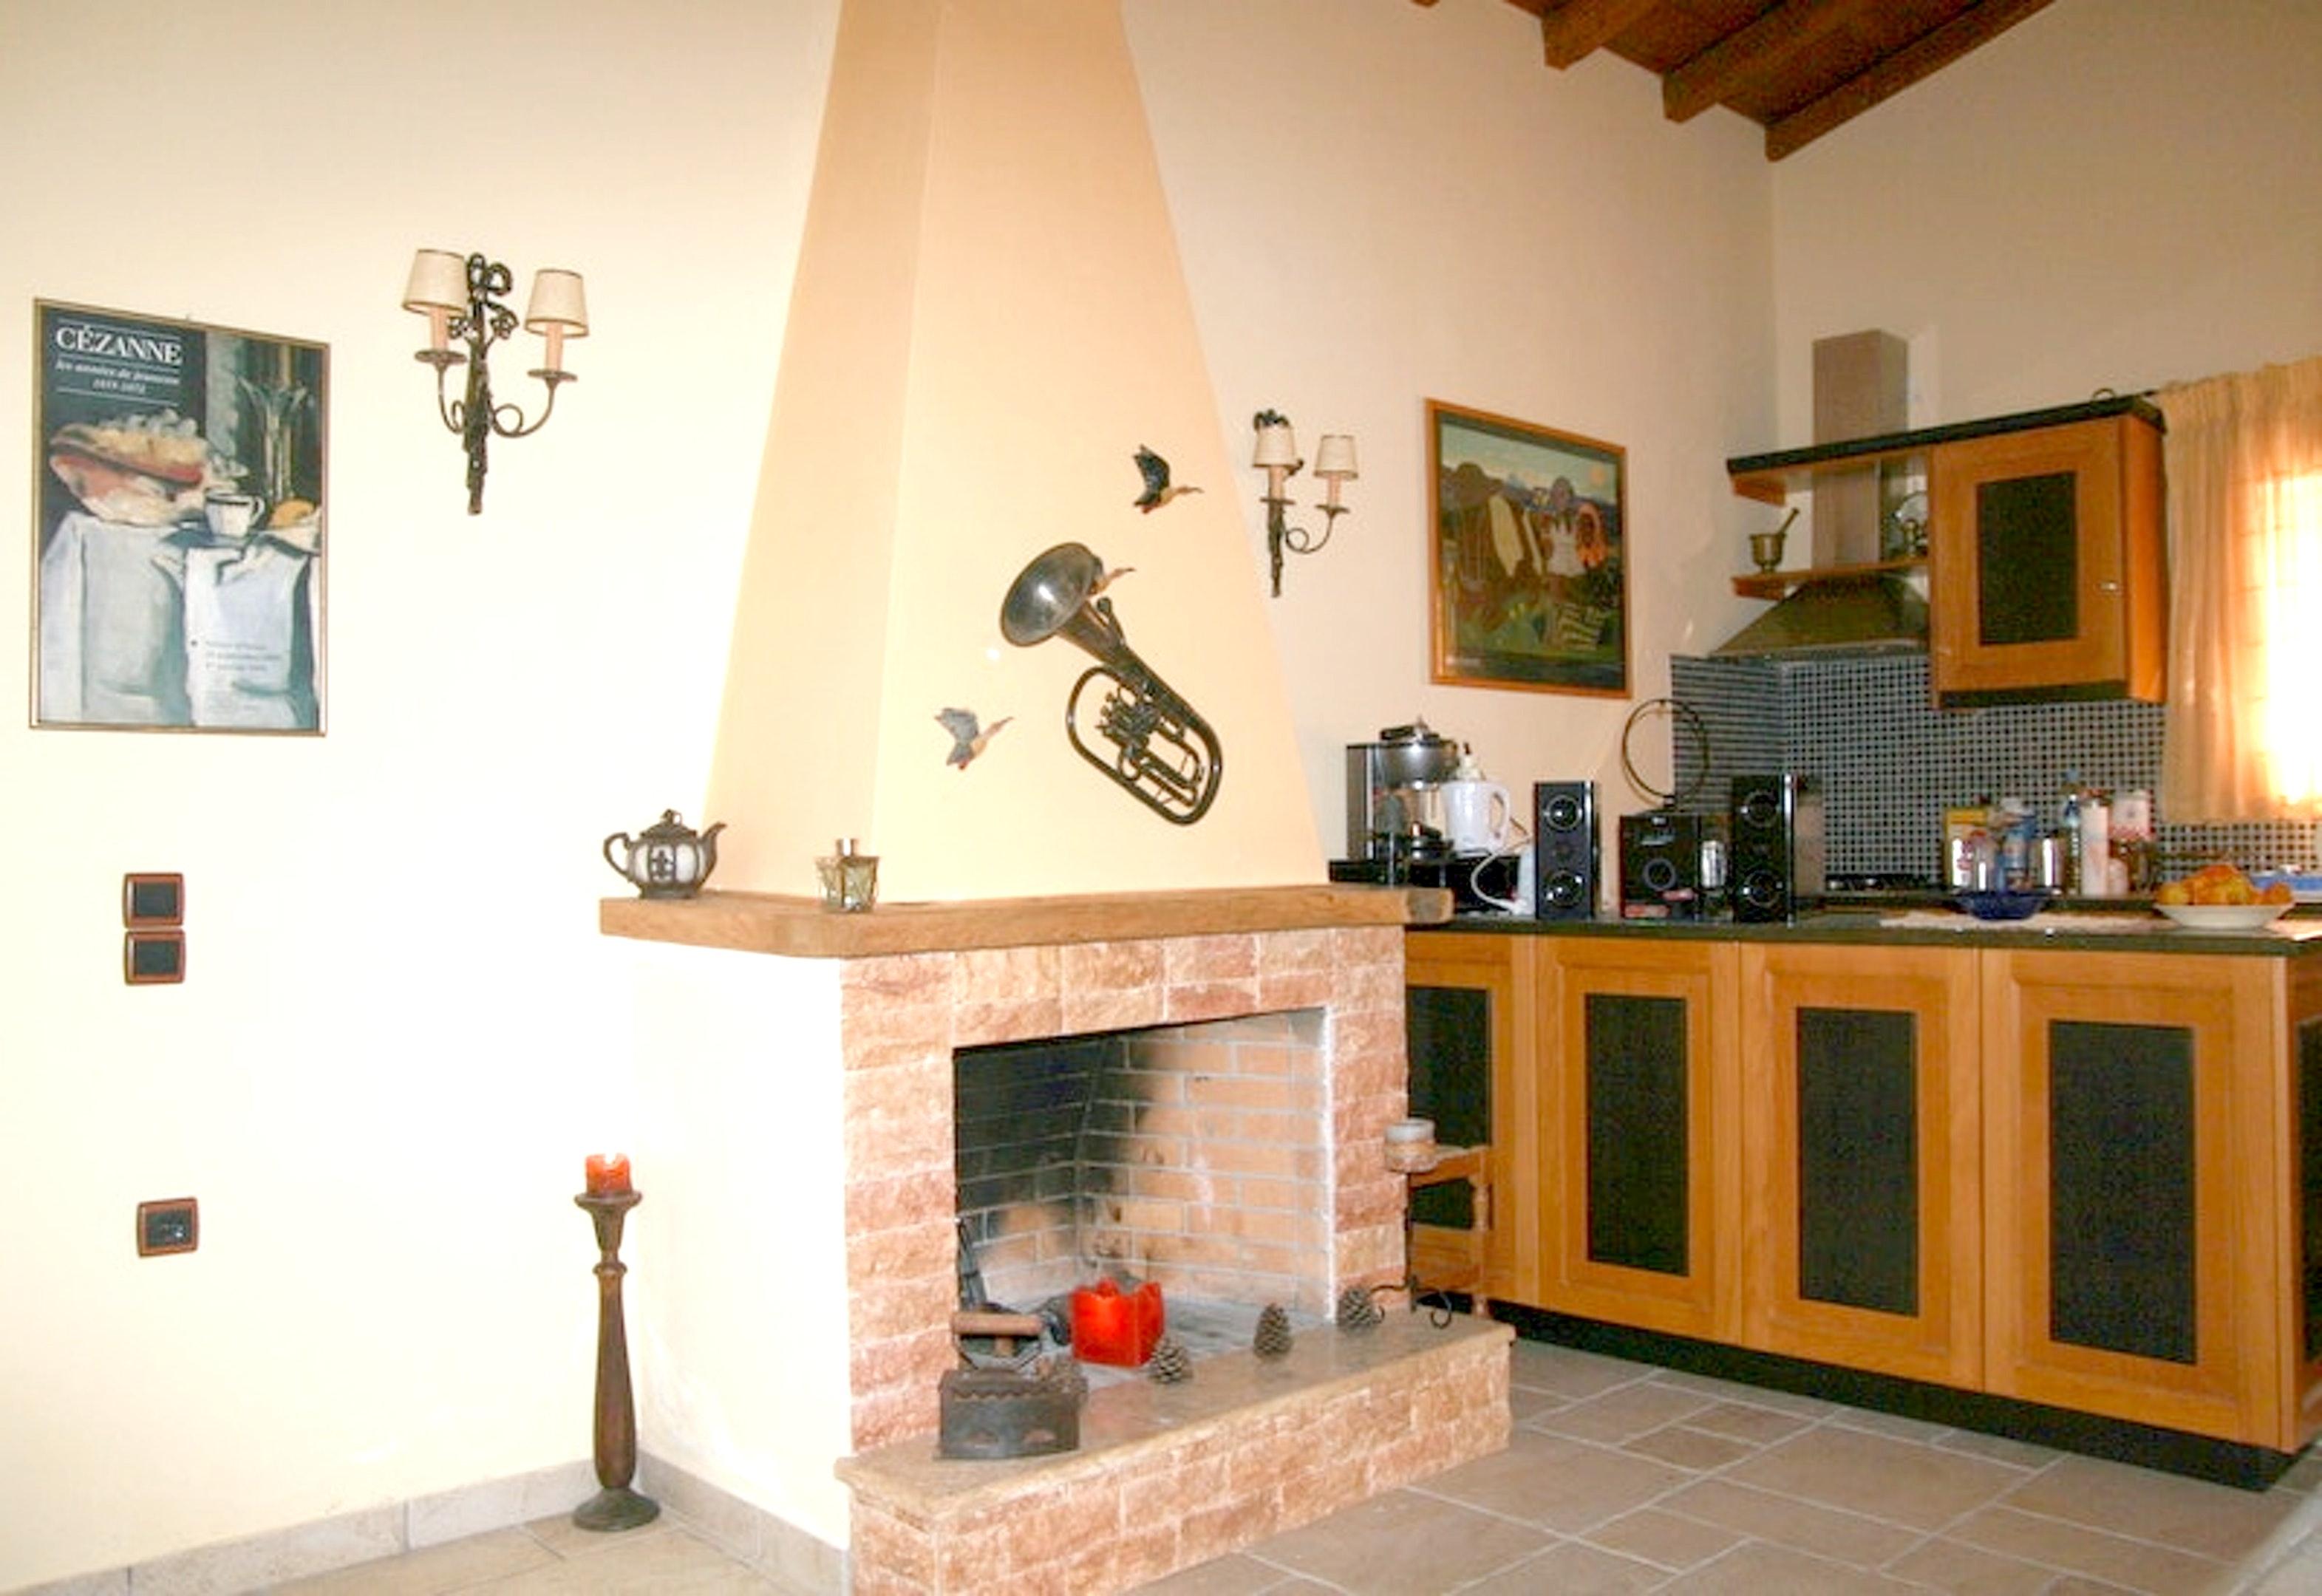 Maison de vacances Haus mit 2 Schlafzimmern in Corfou mit toller Aussicht auf die Berge (2202447), Moraitika, Corfou, Iles Ioniennes, Grèce, image 5